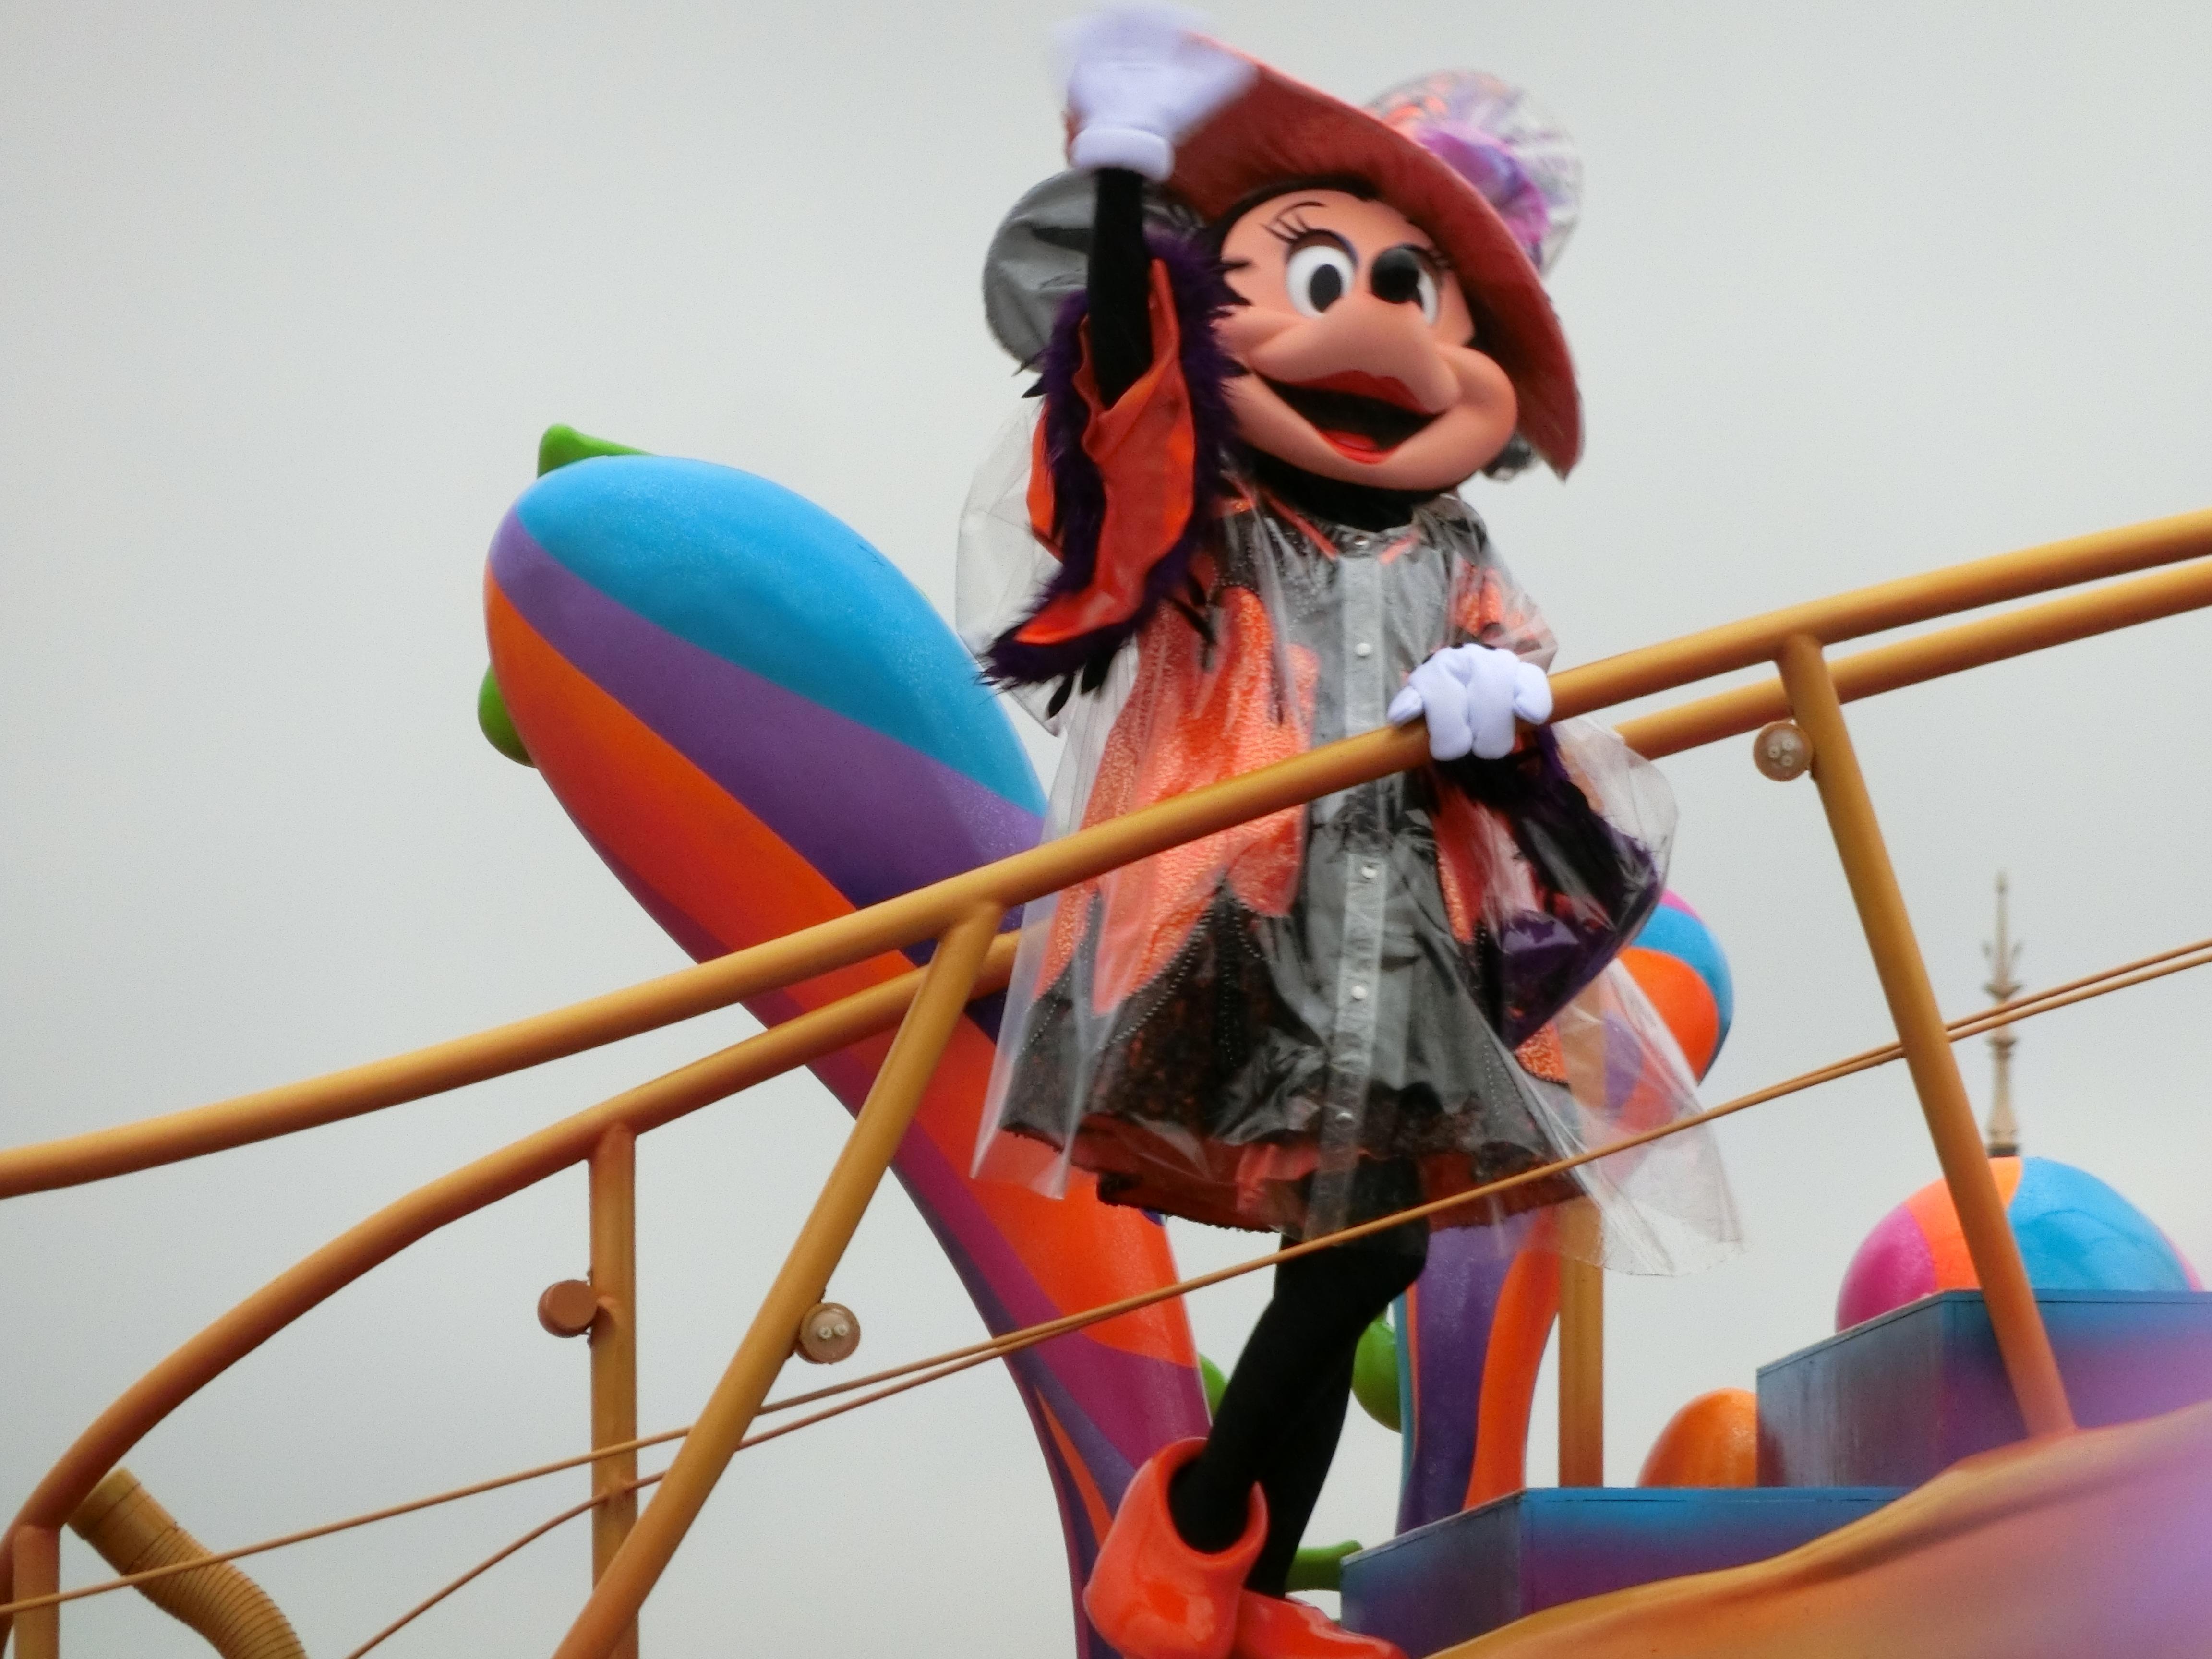 東京ディズニーランド・雨の日のパレード